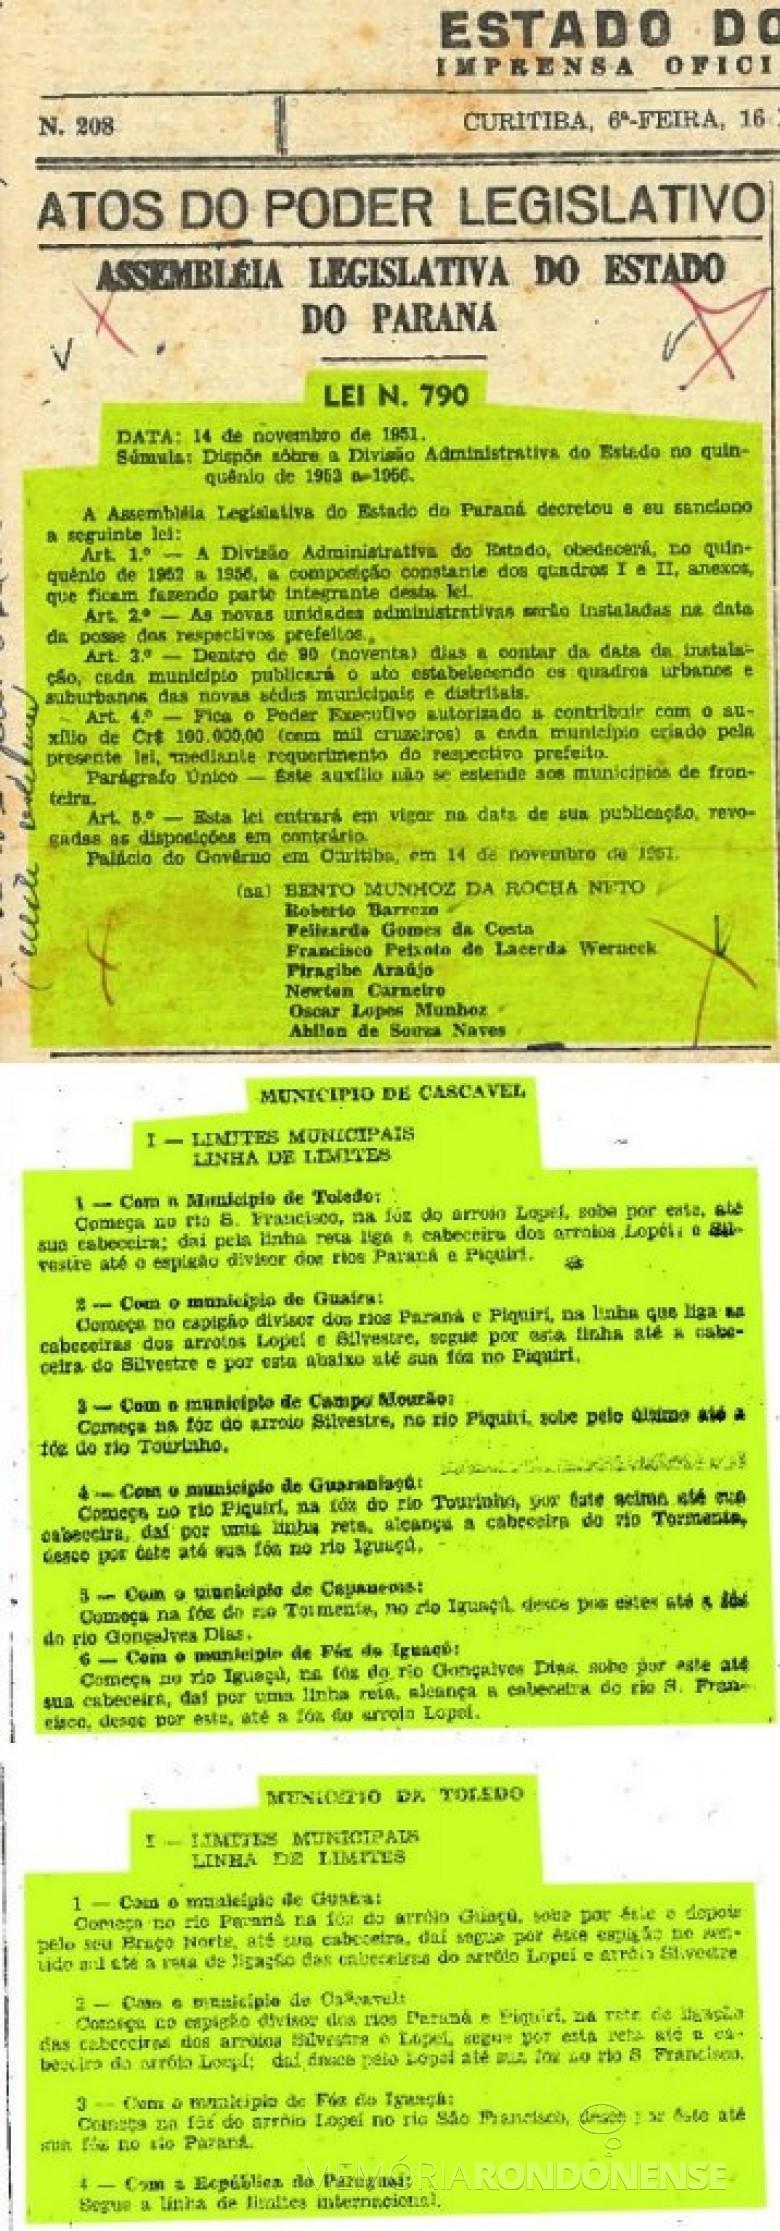 Publicação da Lei nº 790 que trata da divisão administrativa do Estado do Paraná no quinquênio 1952-1956, e as publicações ao Anexo da referida Lei que criou o município de Cascavel e Toledo, publicado no Diário Oficial nº 217, de 27 de novembro de 1951, às páginas 1, 5 e 26, respectivamente.  Imagem: Acervo Arquivo Público do Estado - FOTO 2 -